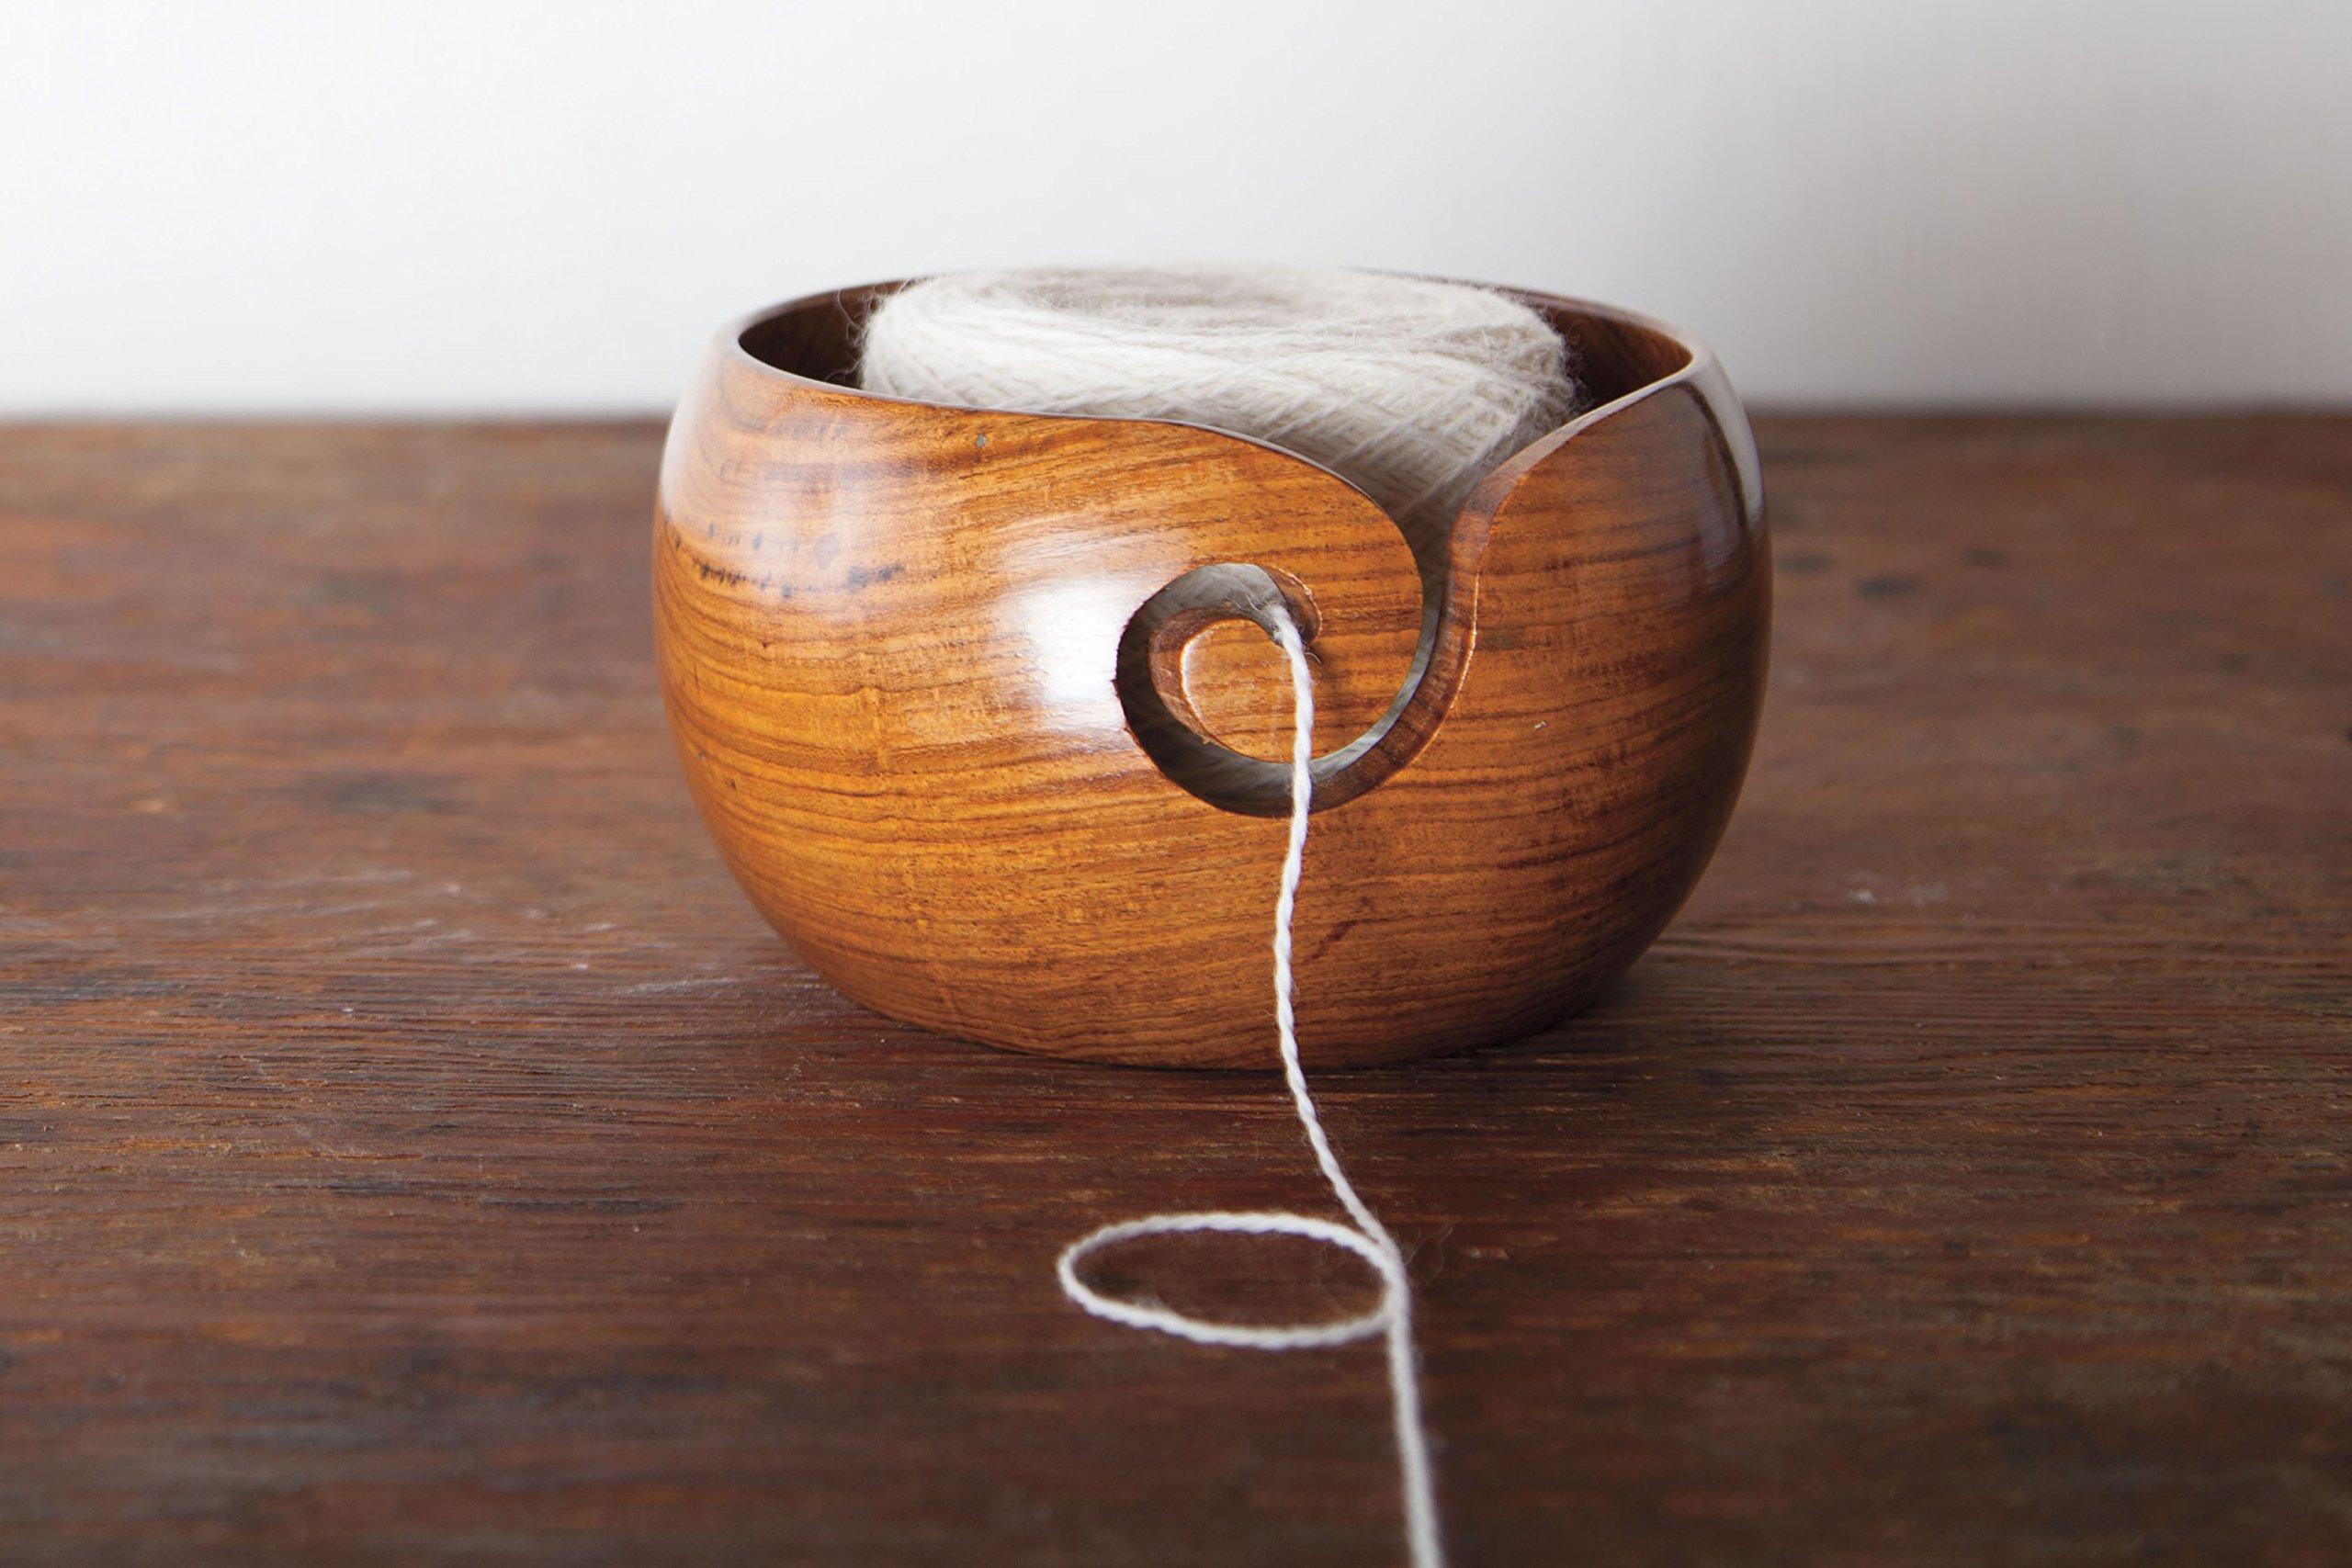 Knit Picks Yarn Bowl (Rosewood)